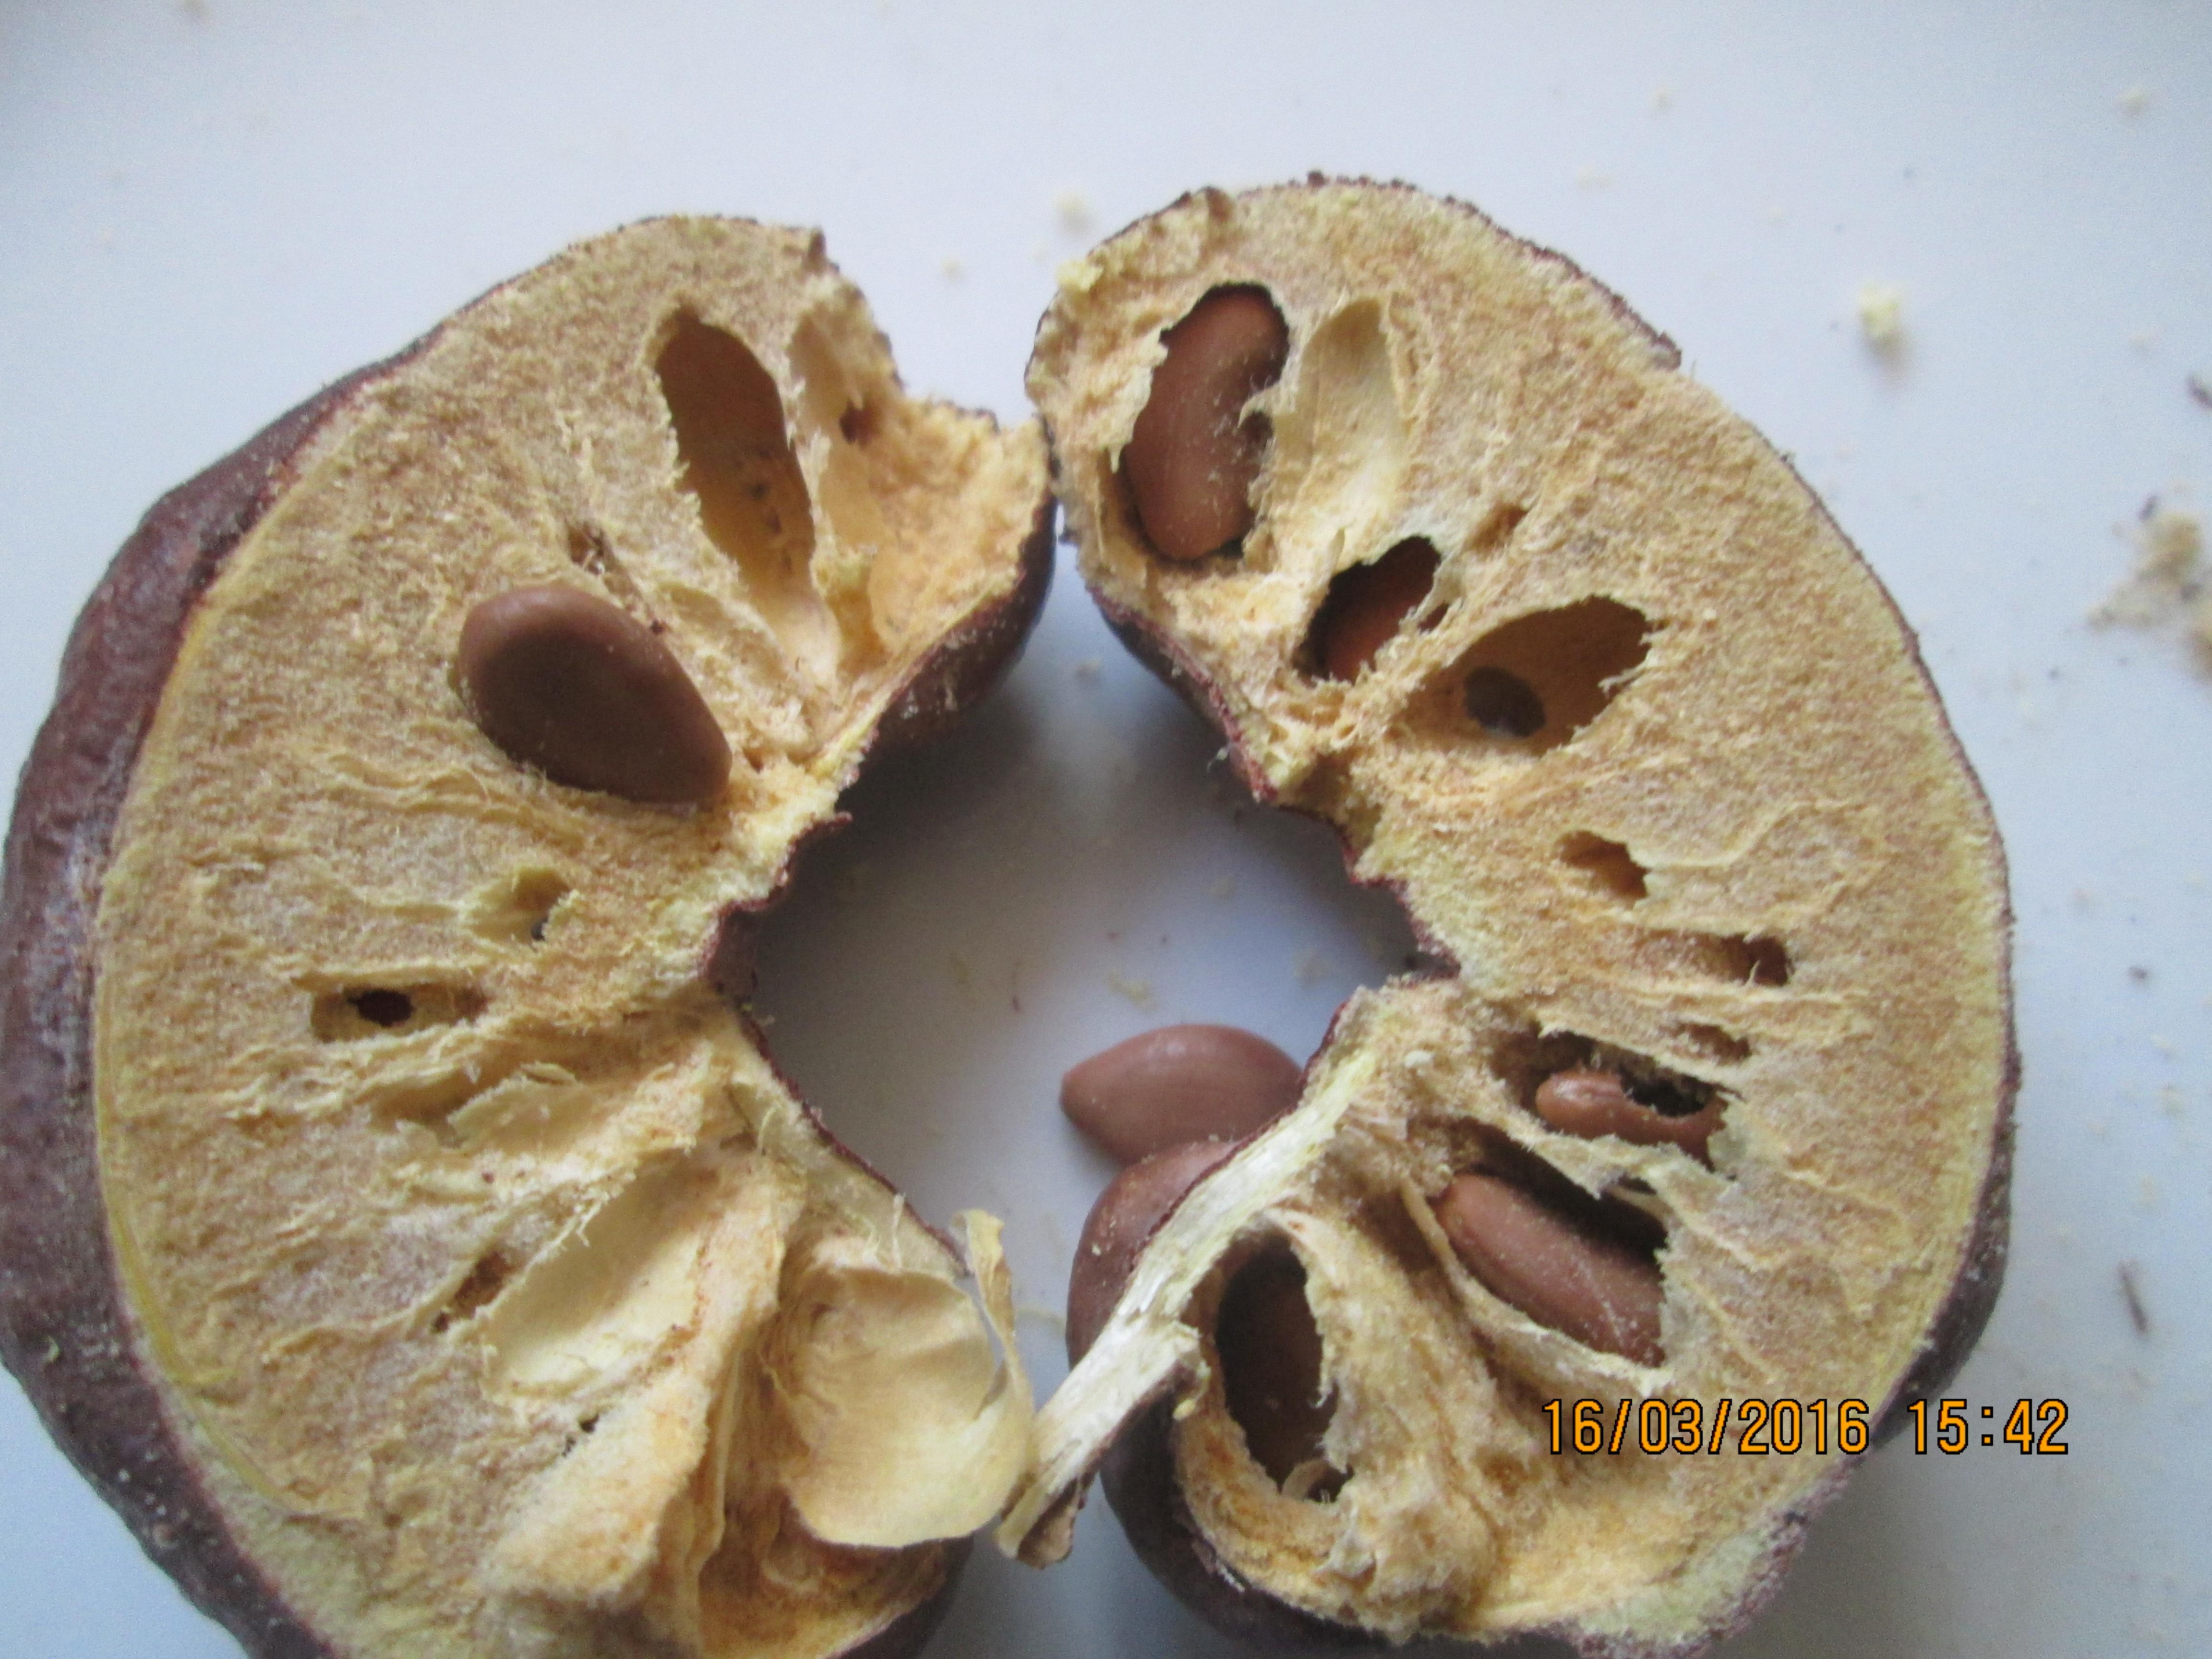 میوه نصف شده کهورک